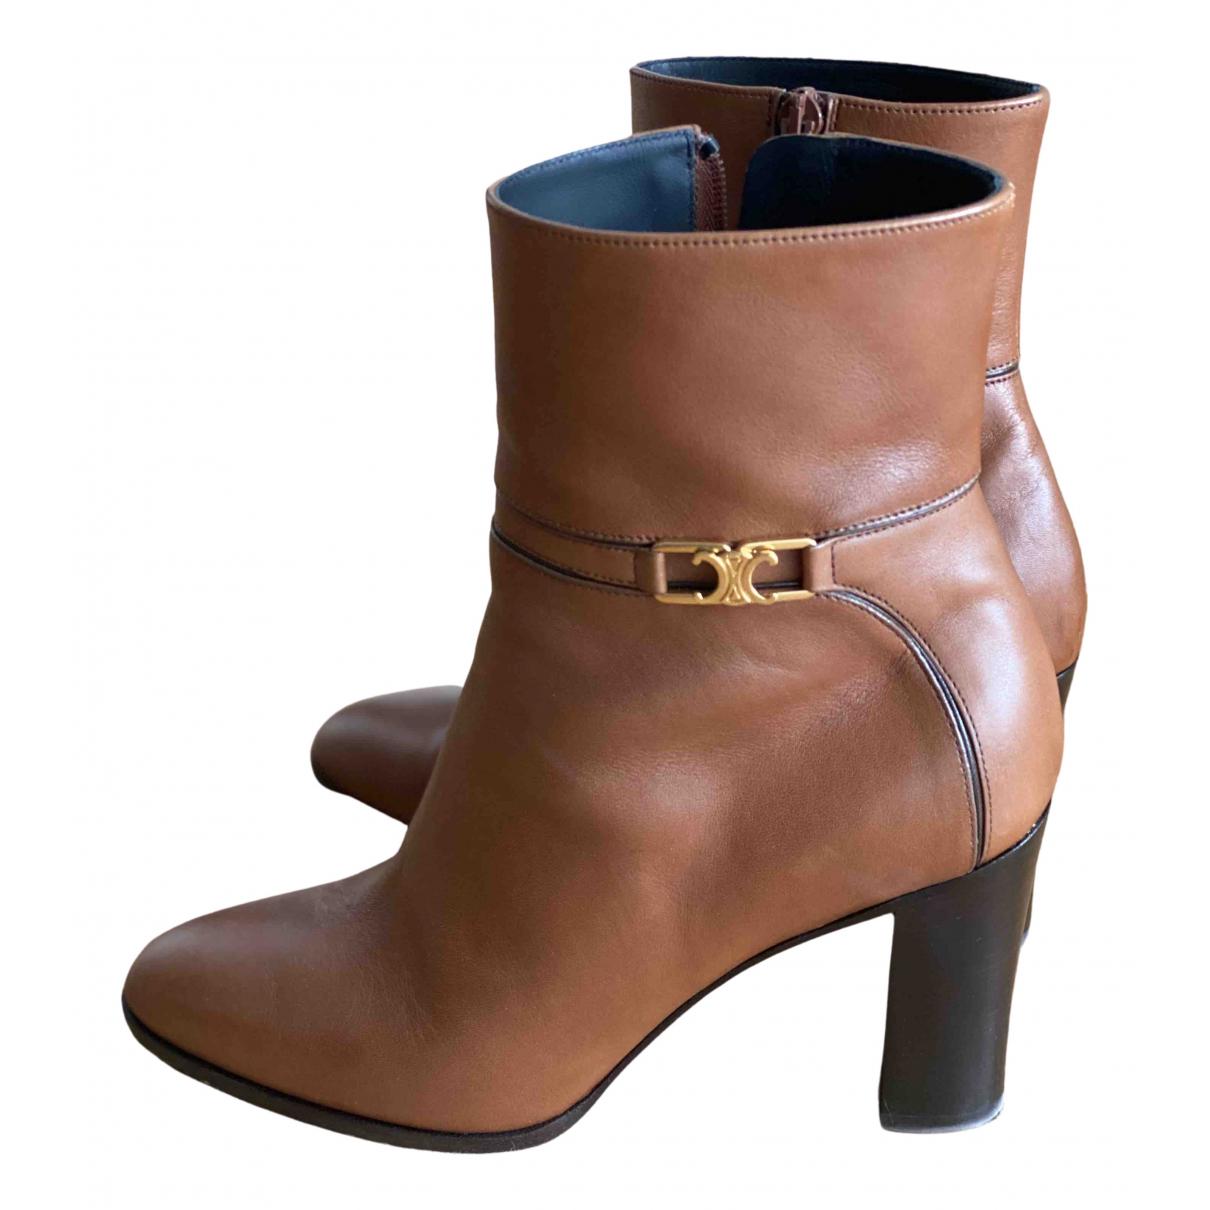 Celine - Bottes Claude pour femme en cuir - marron